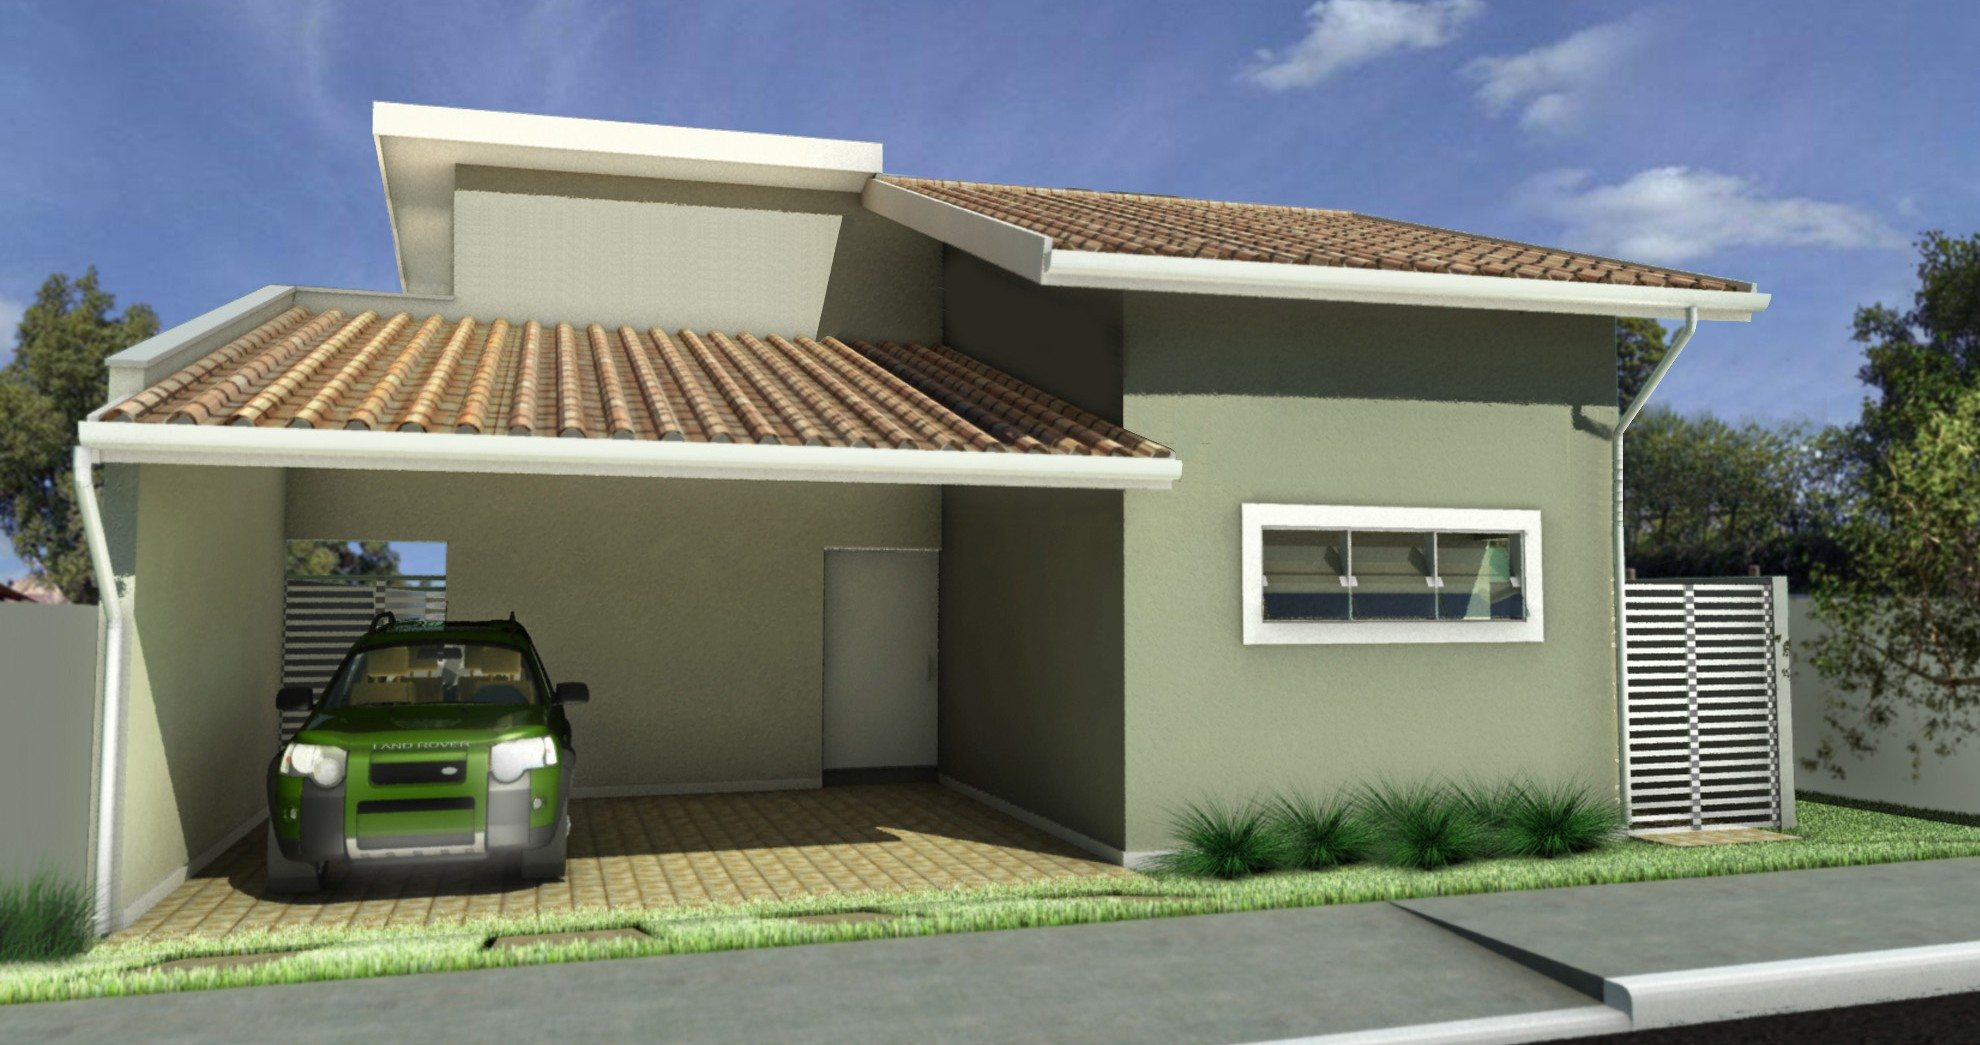 fachadas-de-casas-com-garagem-12